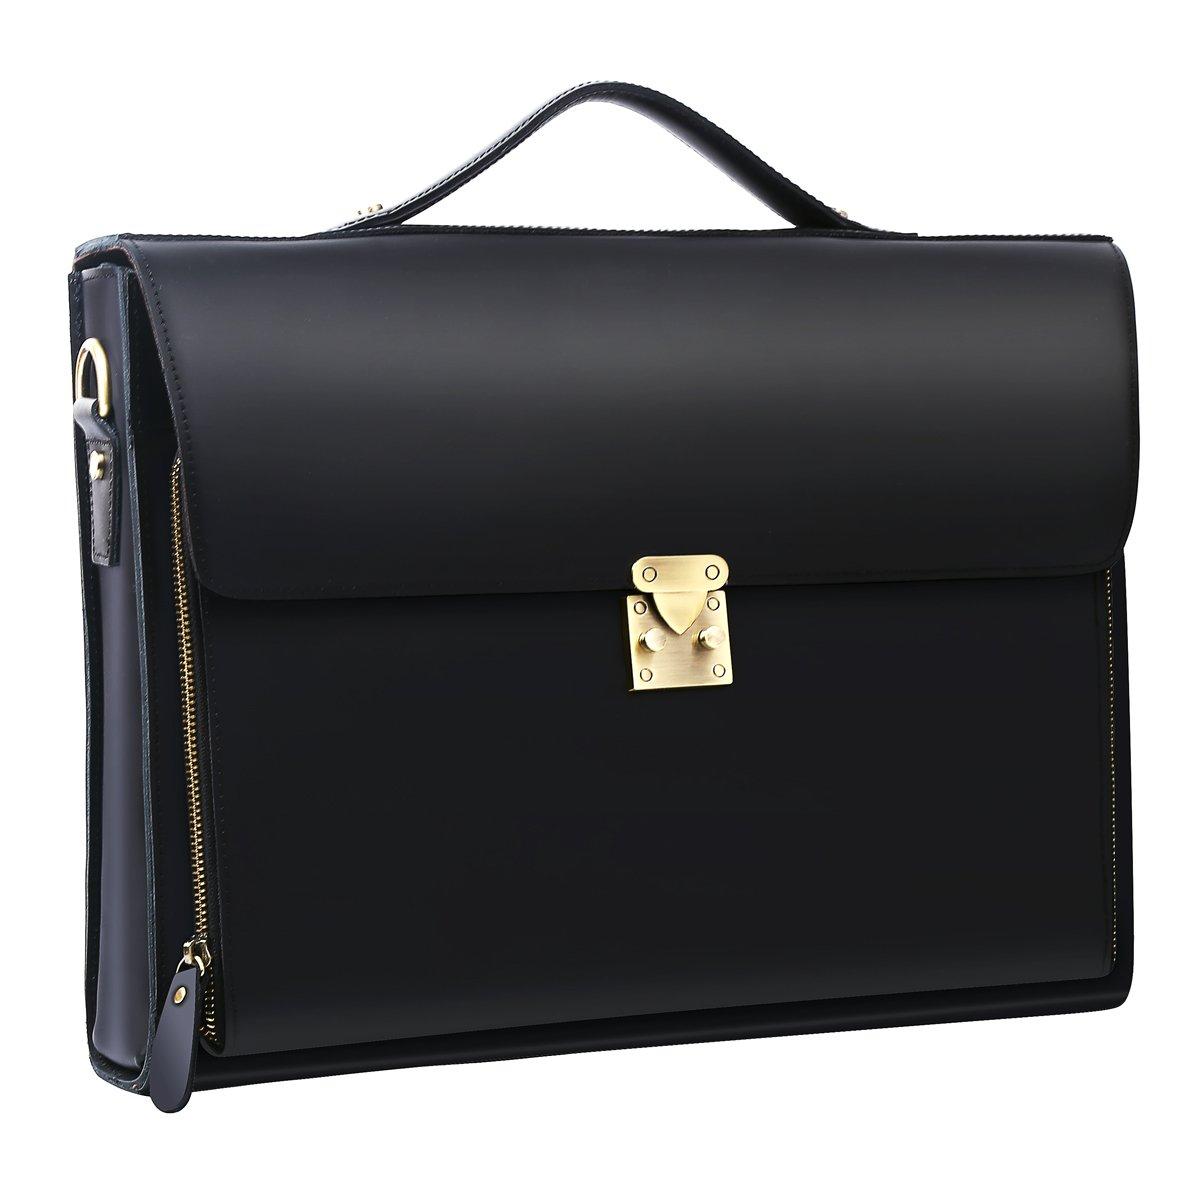 Leathario Leather Briefcase for Men Leather Laptop Bag Shoulder Messenger Bag Business Work Bag (Black-274)